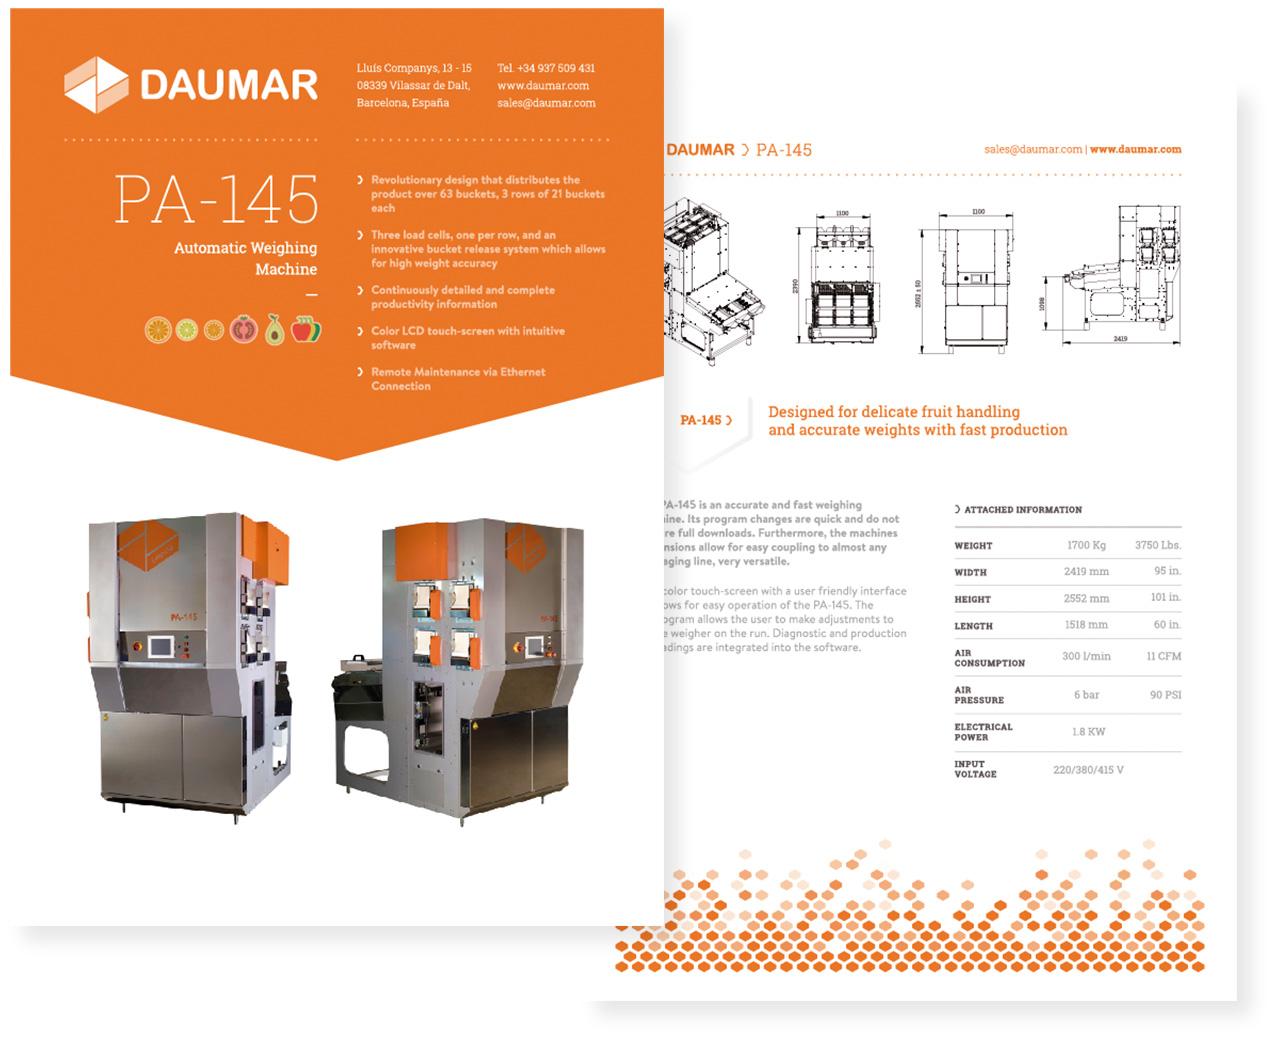 daumar2-3